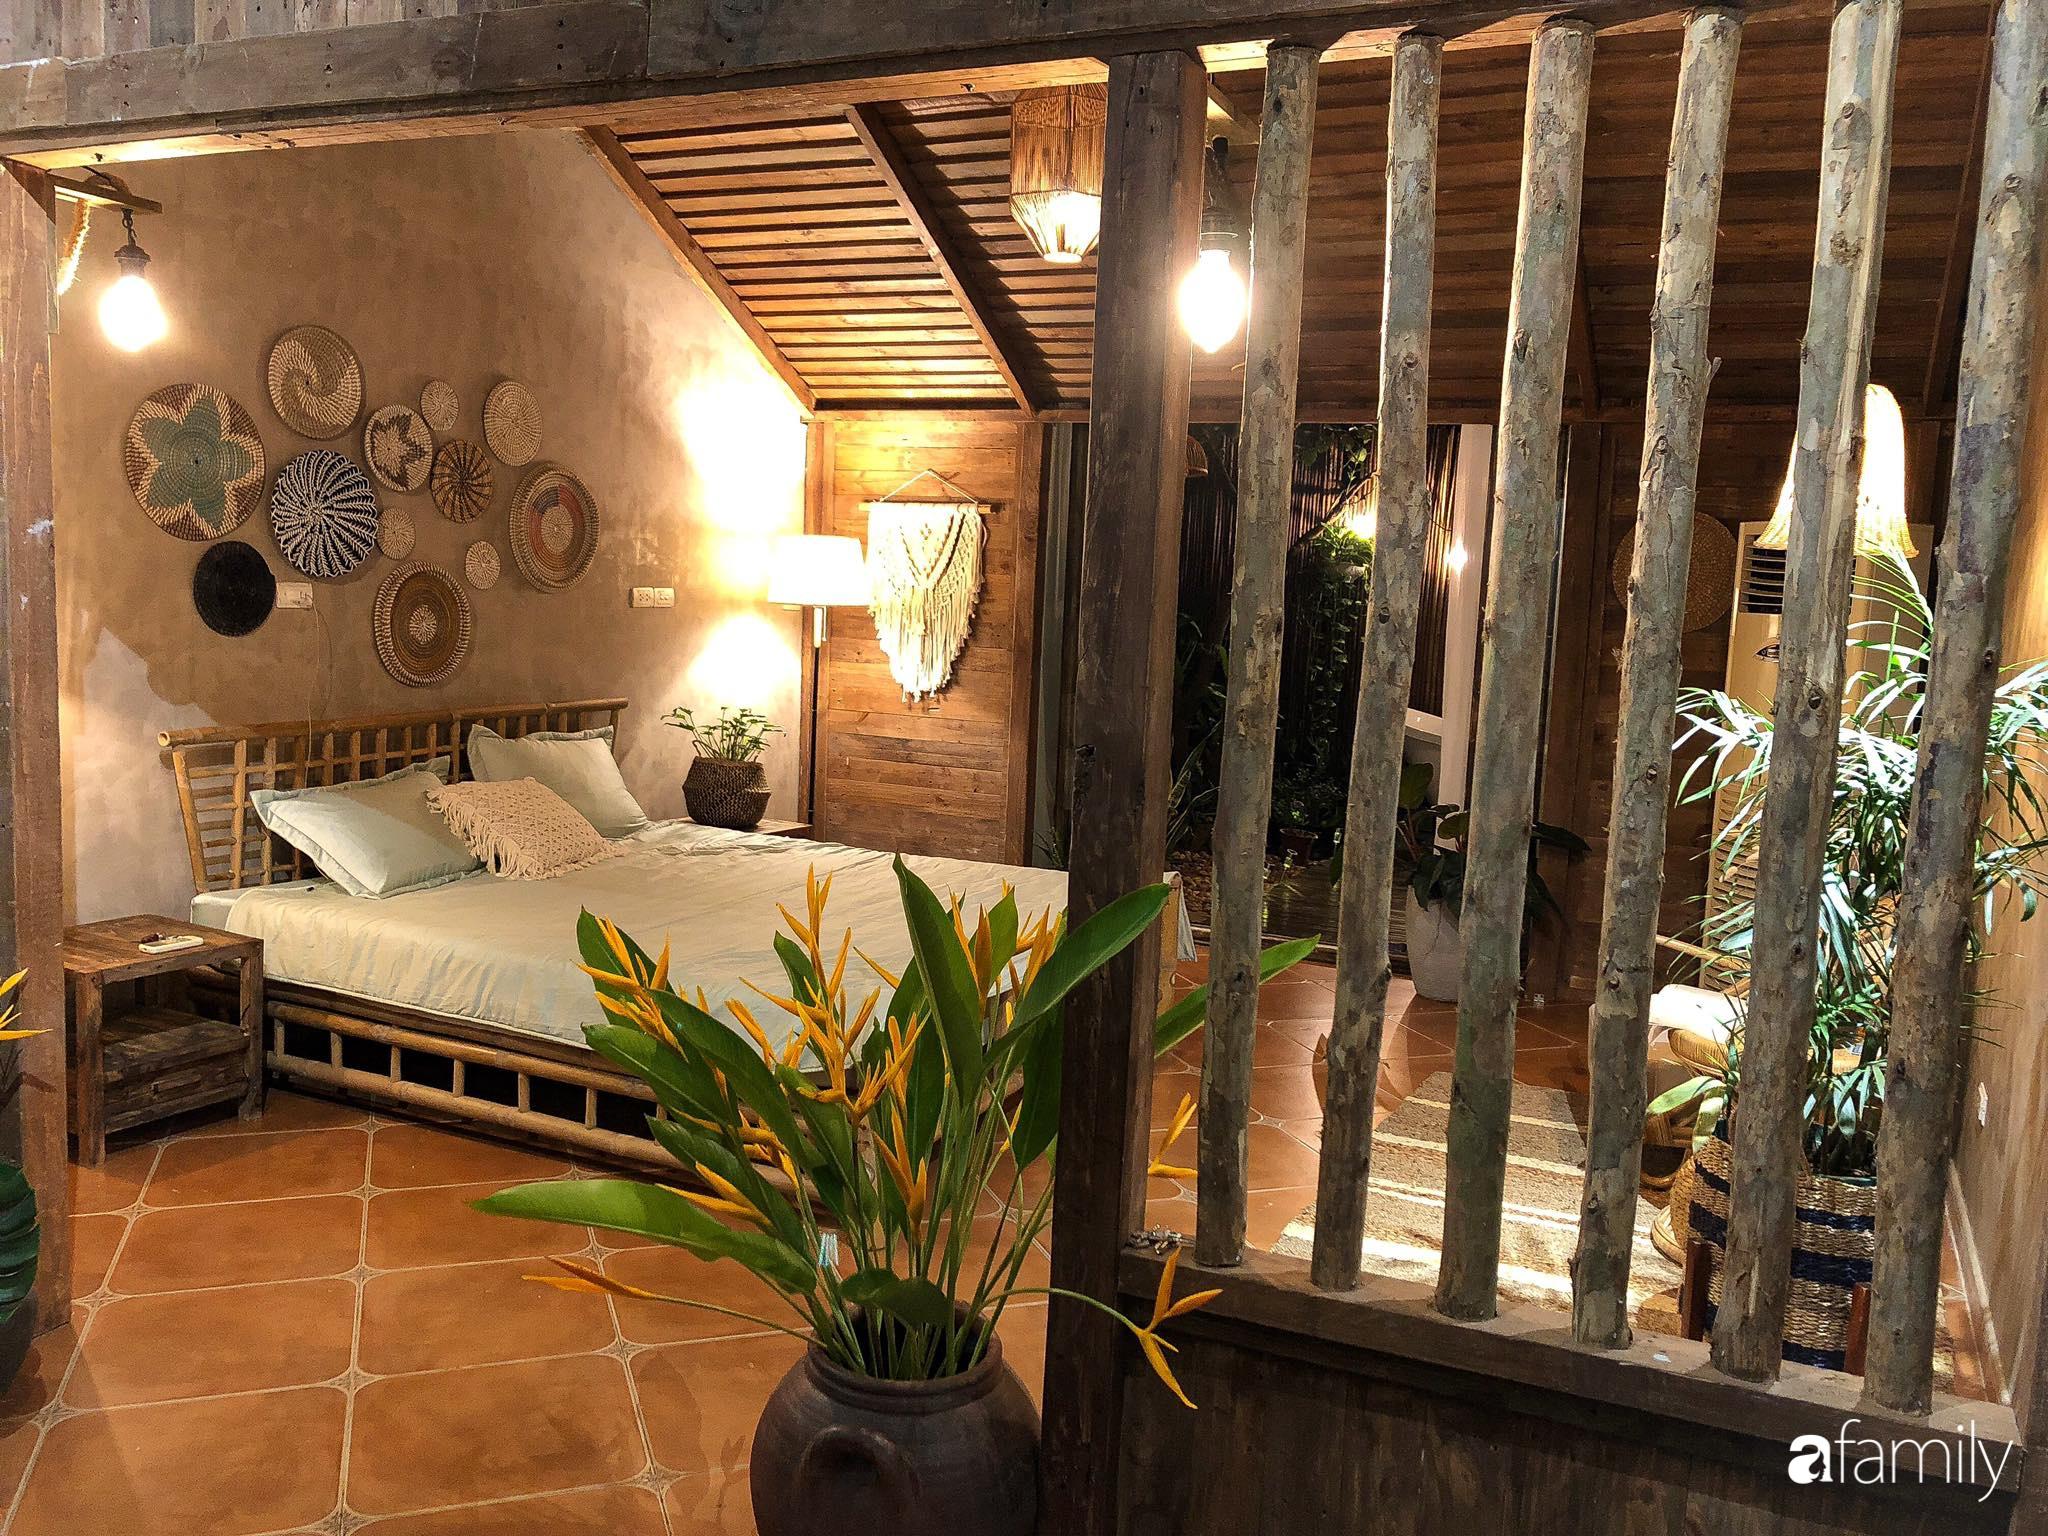 Chỉ hai tuần cải tạo với chi phí 133 triệu đồng, căn nhà cũ biến thành không gian đẹp như resort cao cấp giữa lòng Hà Nội - Ảnh 5.